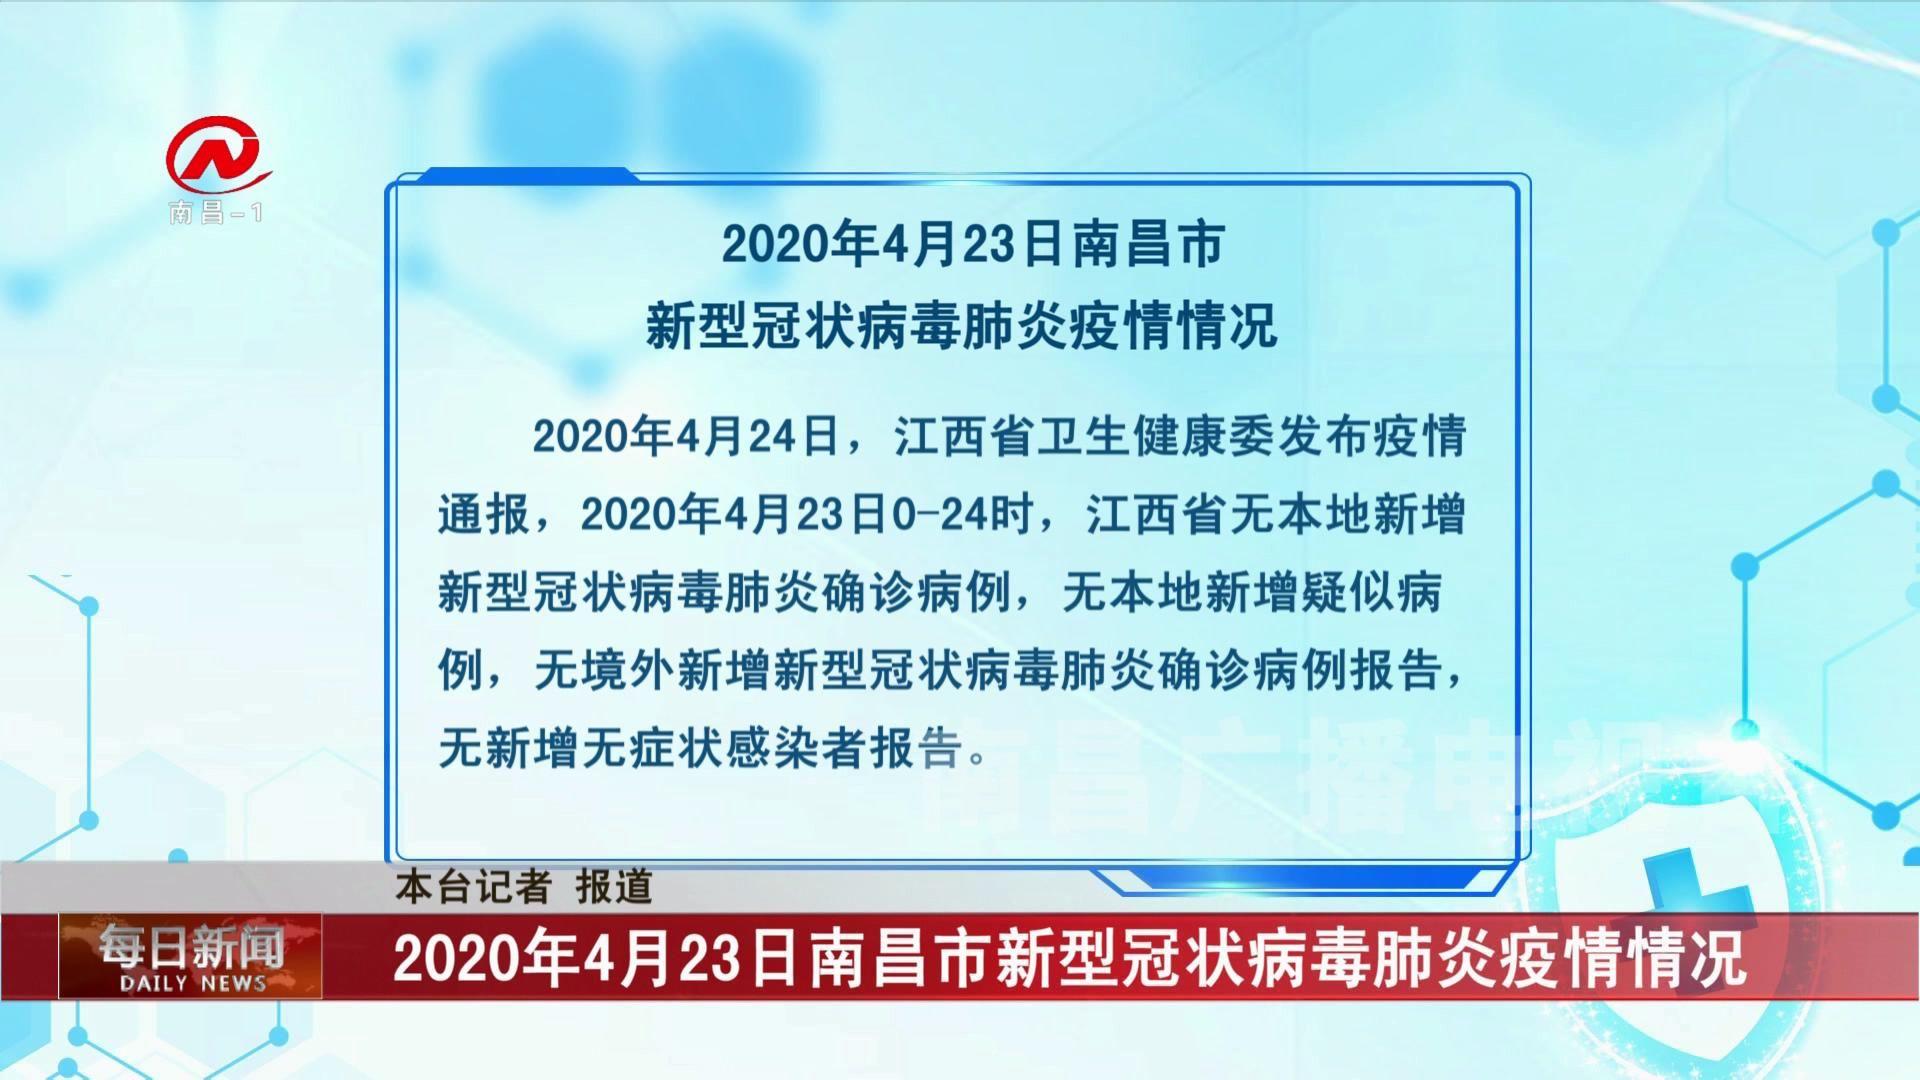 2020年4月23日南昌市新型冠状病毒肺炎疫情情况